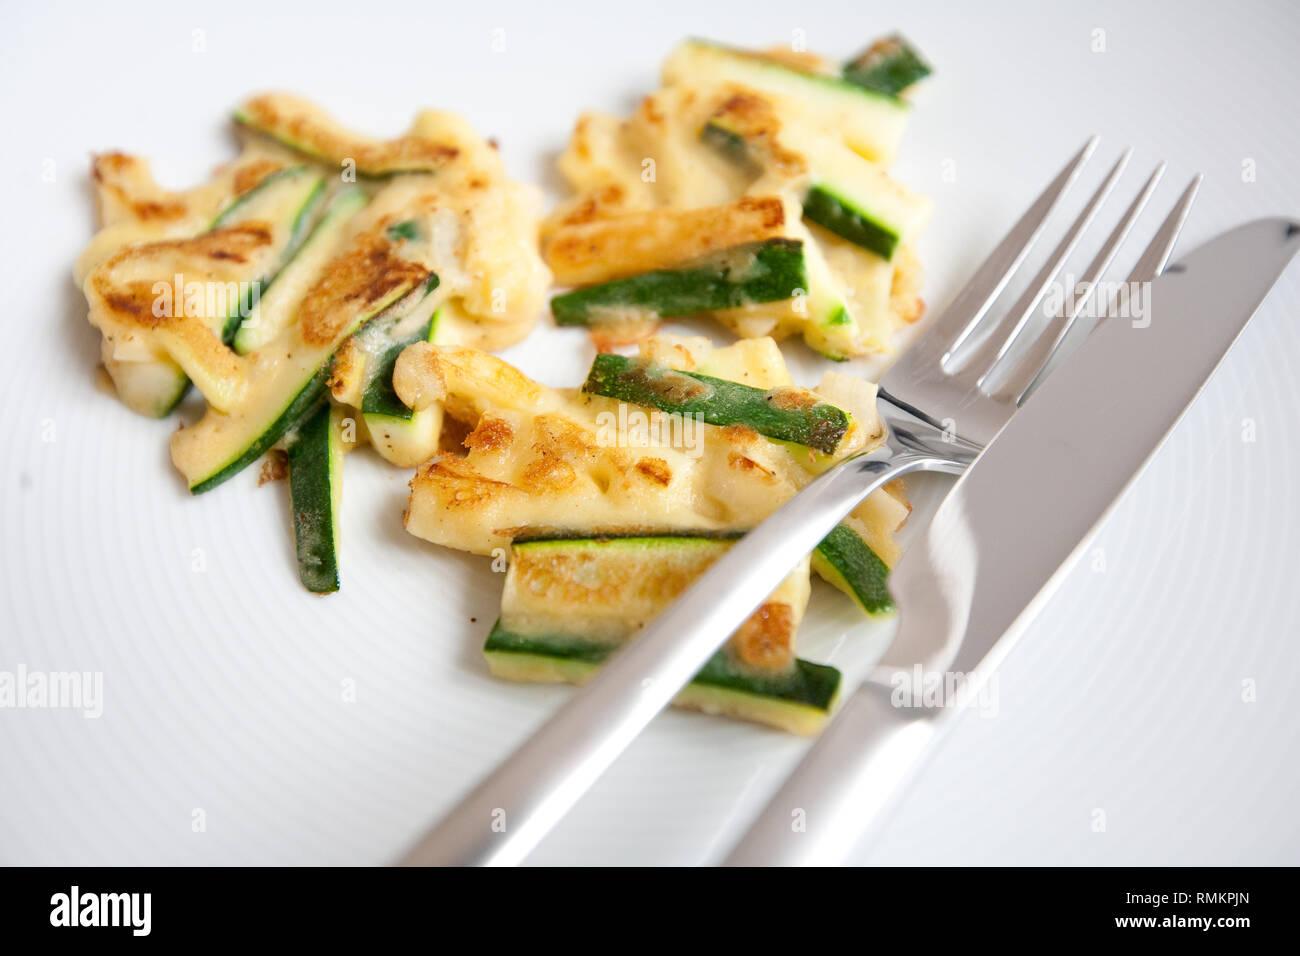 Die Echte Italienische Kueche Malfatti